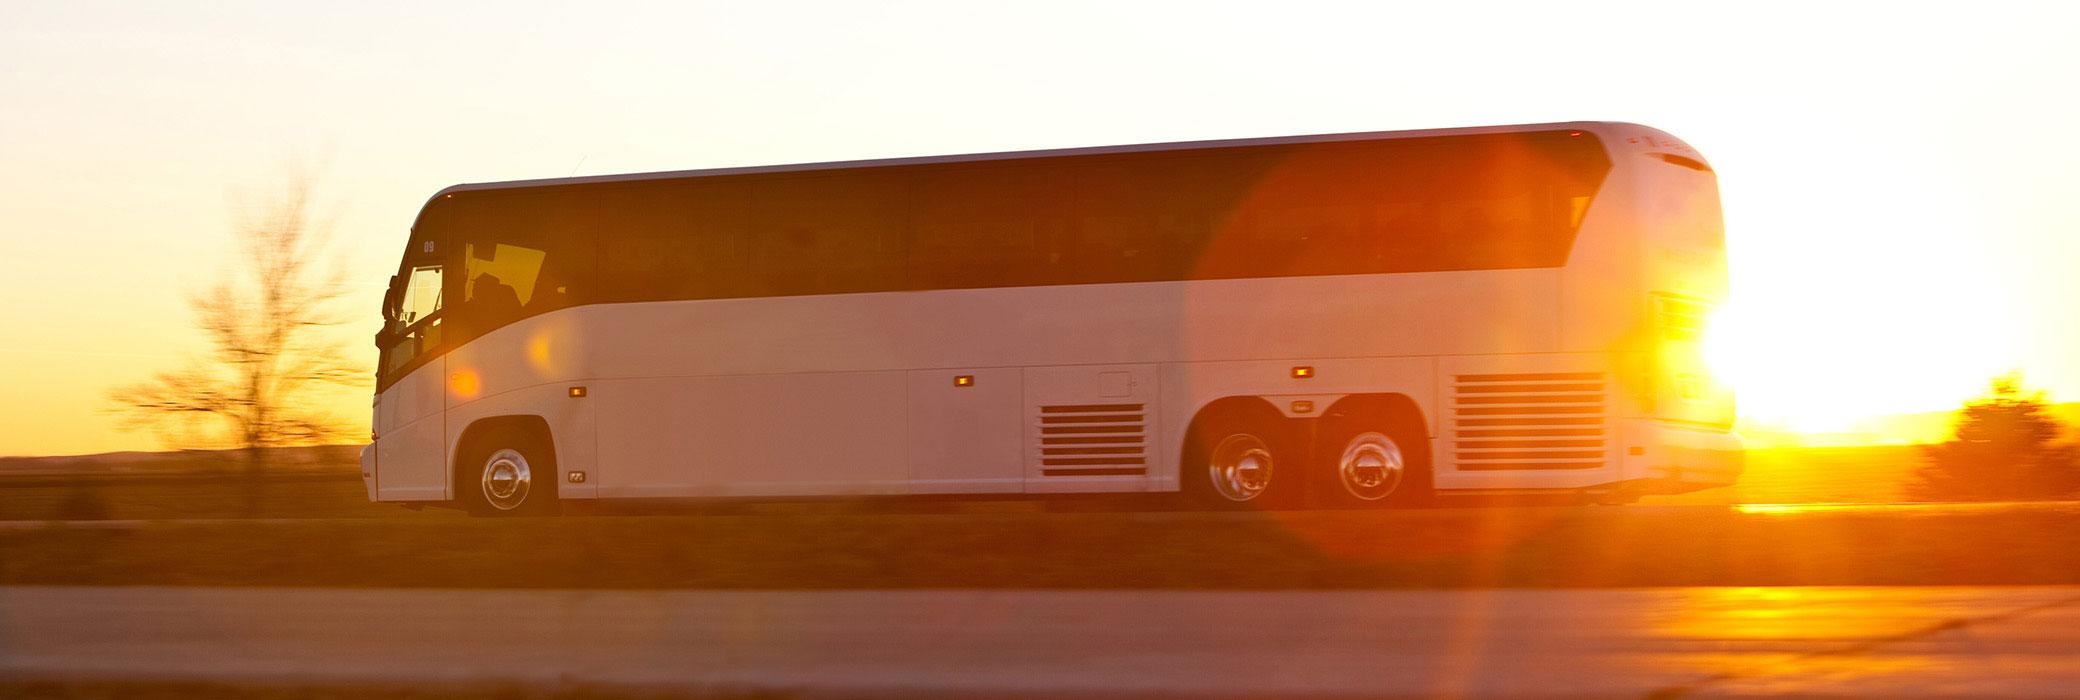 Ein weißer Reisebus, der auf einer Landstraße in den Sonnenuntergang fährt